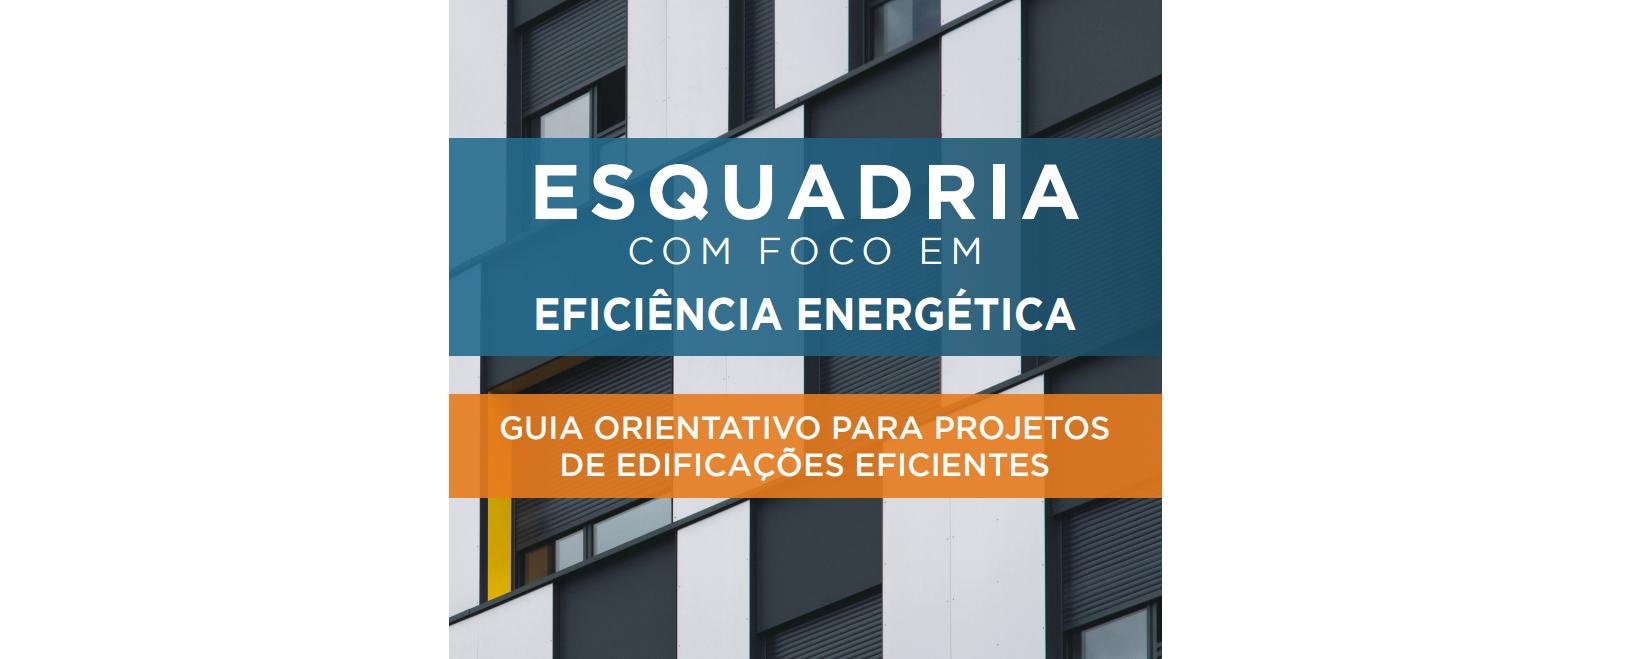 Guia de Esquadrias com foco em eficiência energética